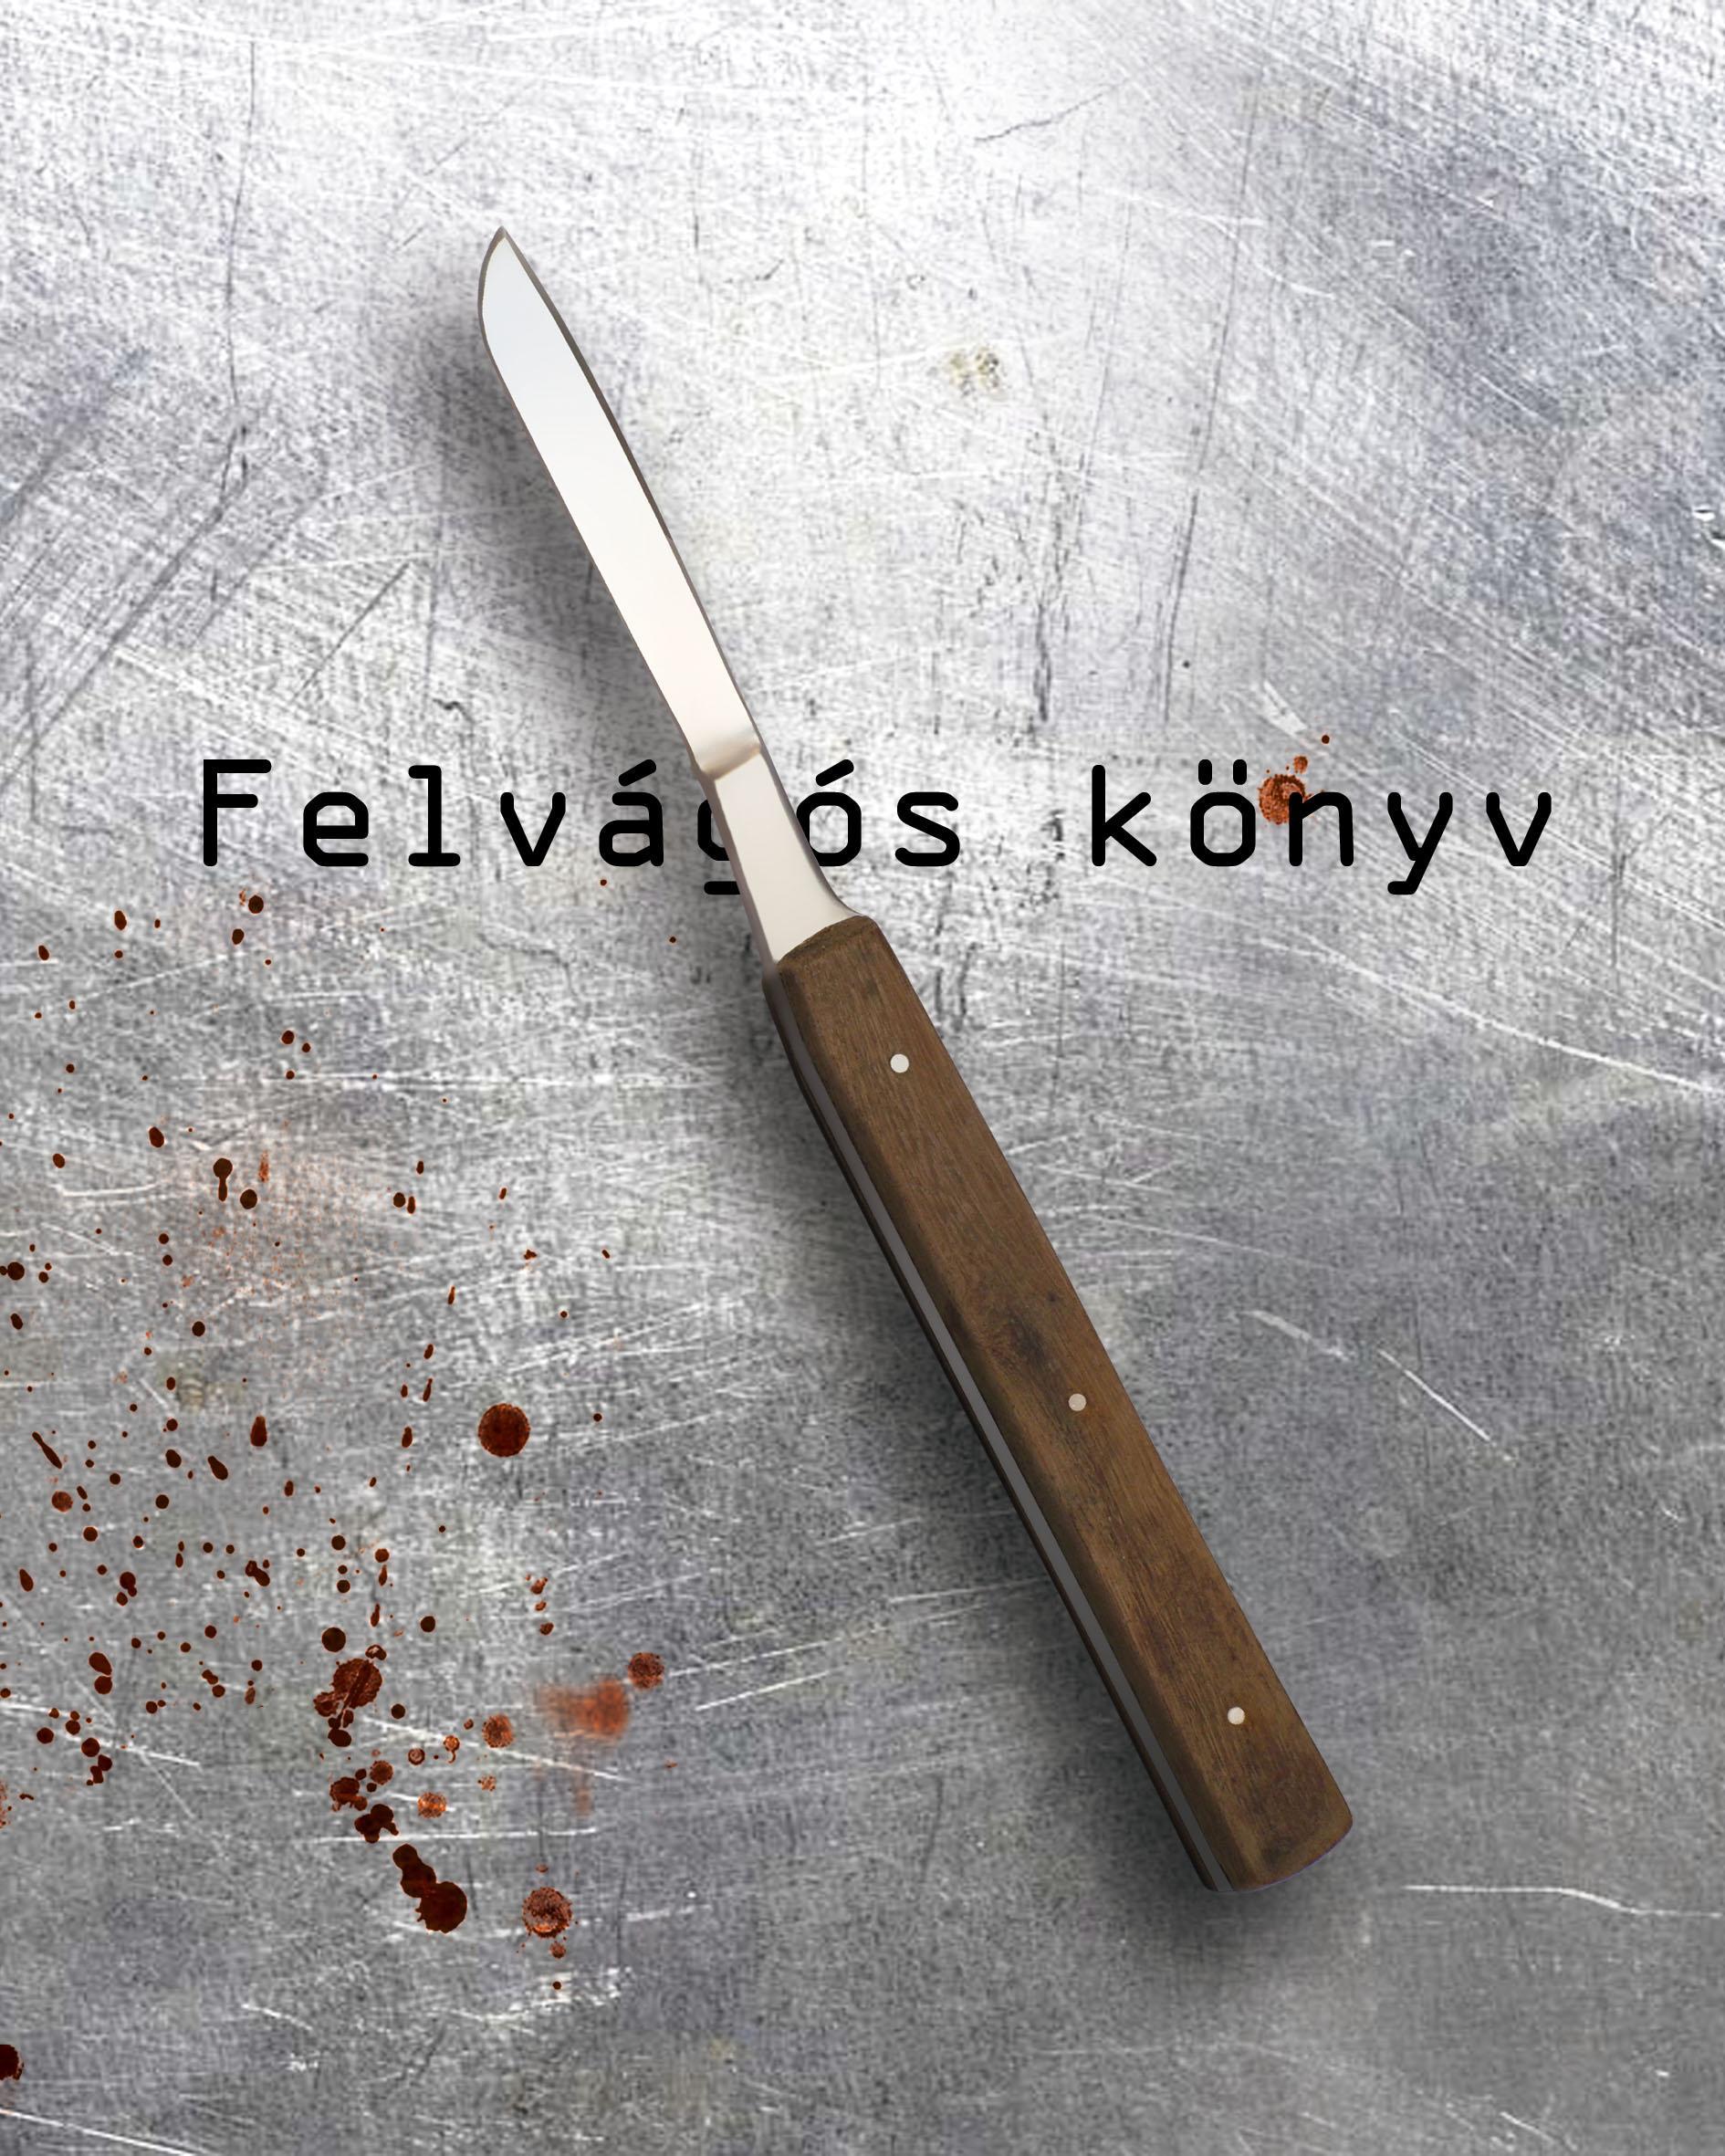 FELVÁGÓS KÖNYV